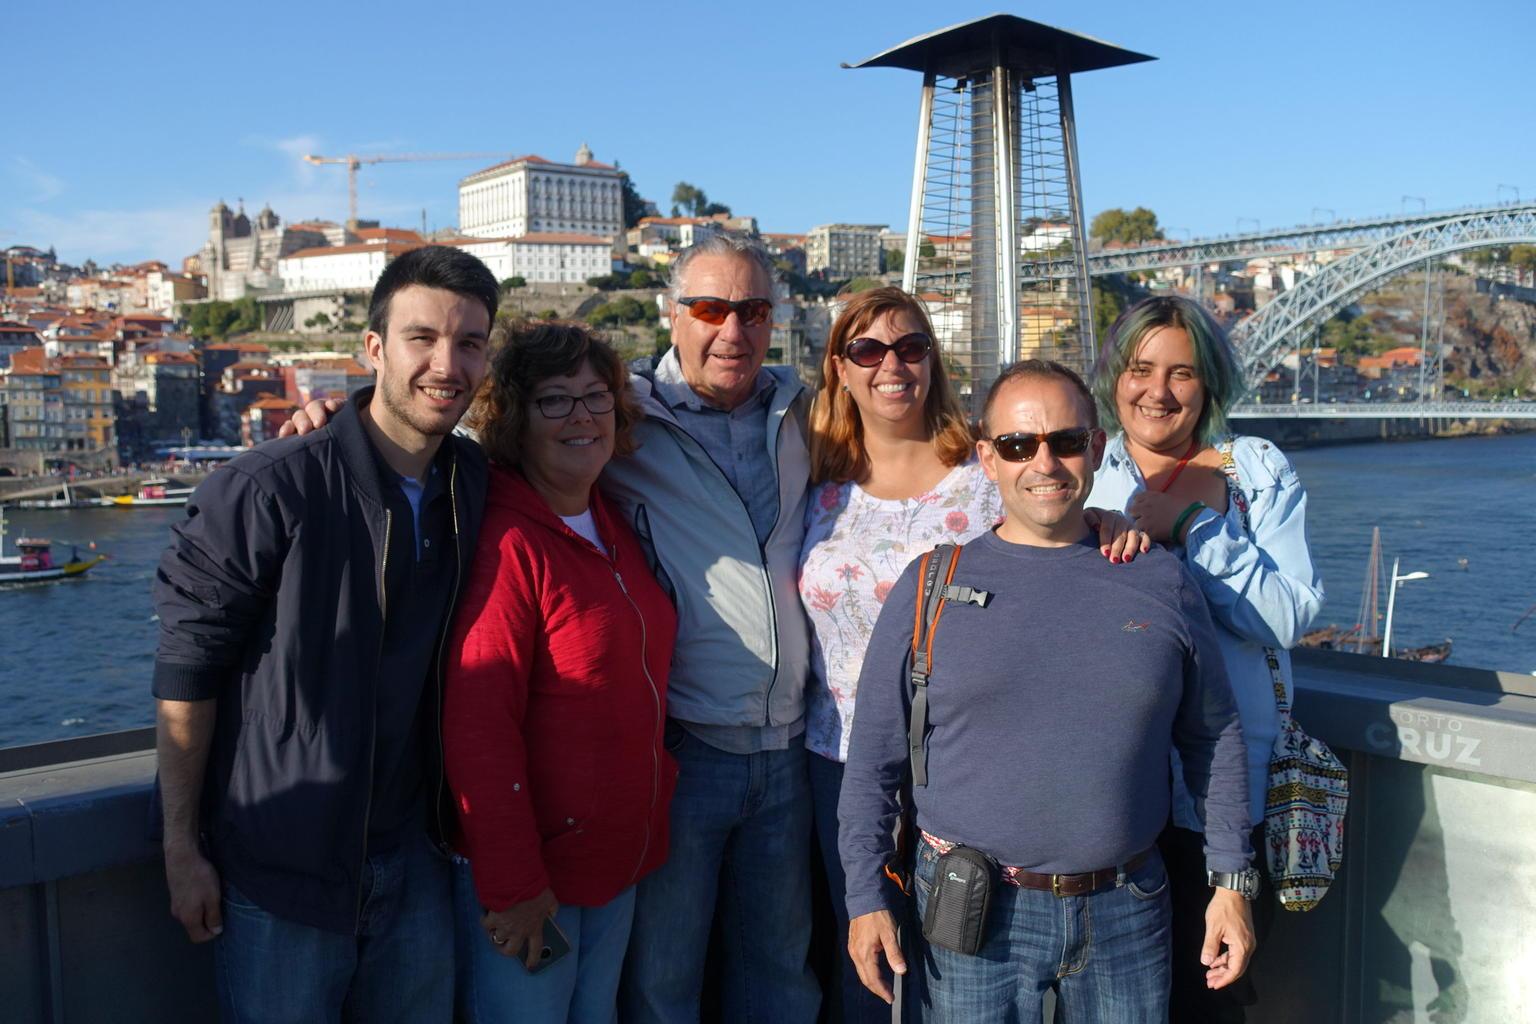 MÁS FOTOS, Recorrido de día completo con cata de vinos para grupos pequeños por la ciudad de Oporto y crucero por el río Duero